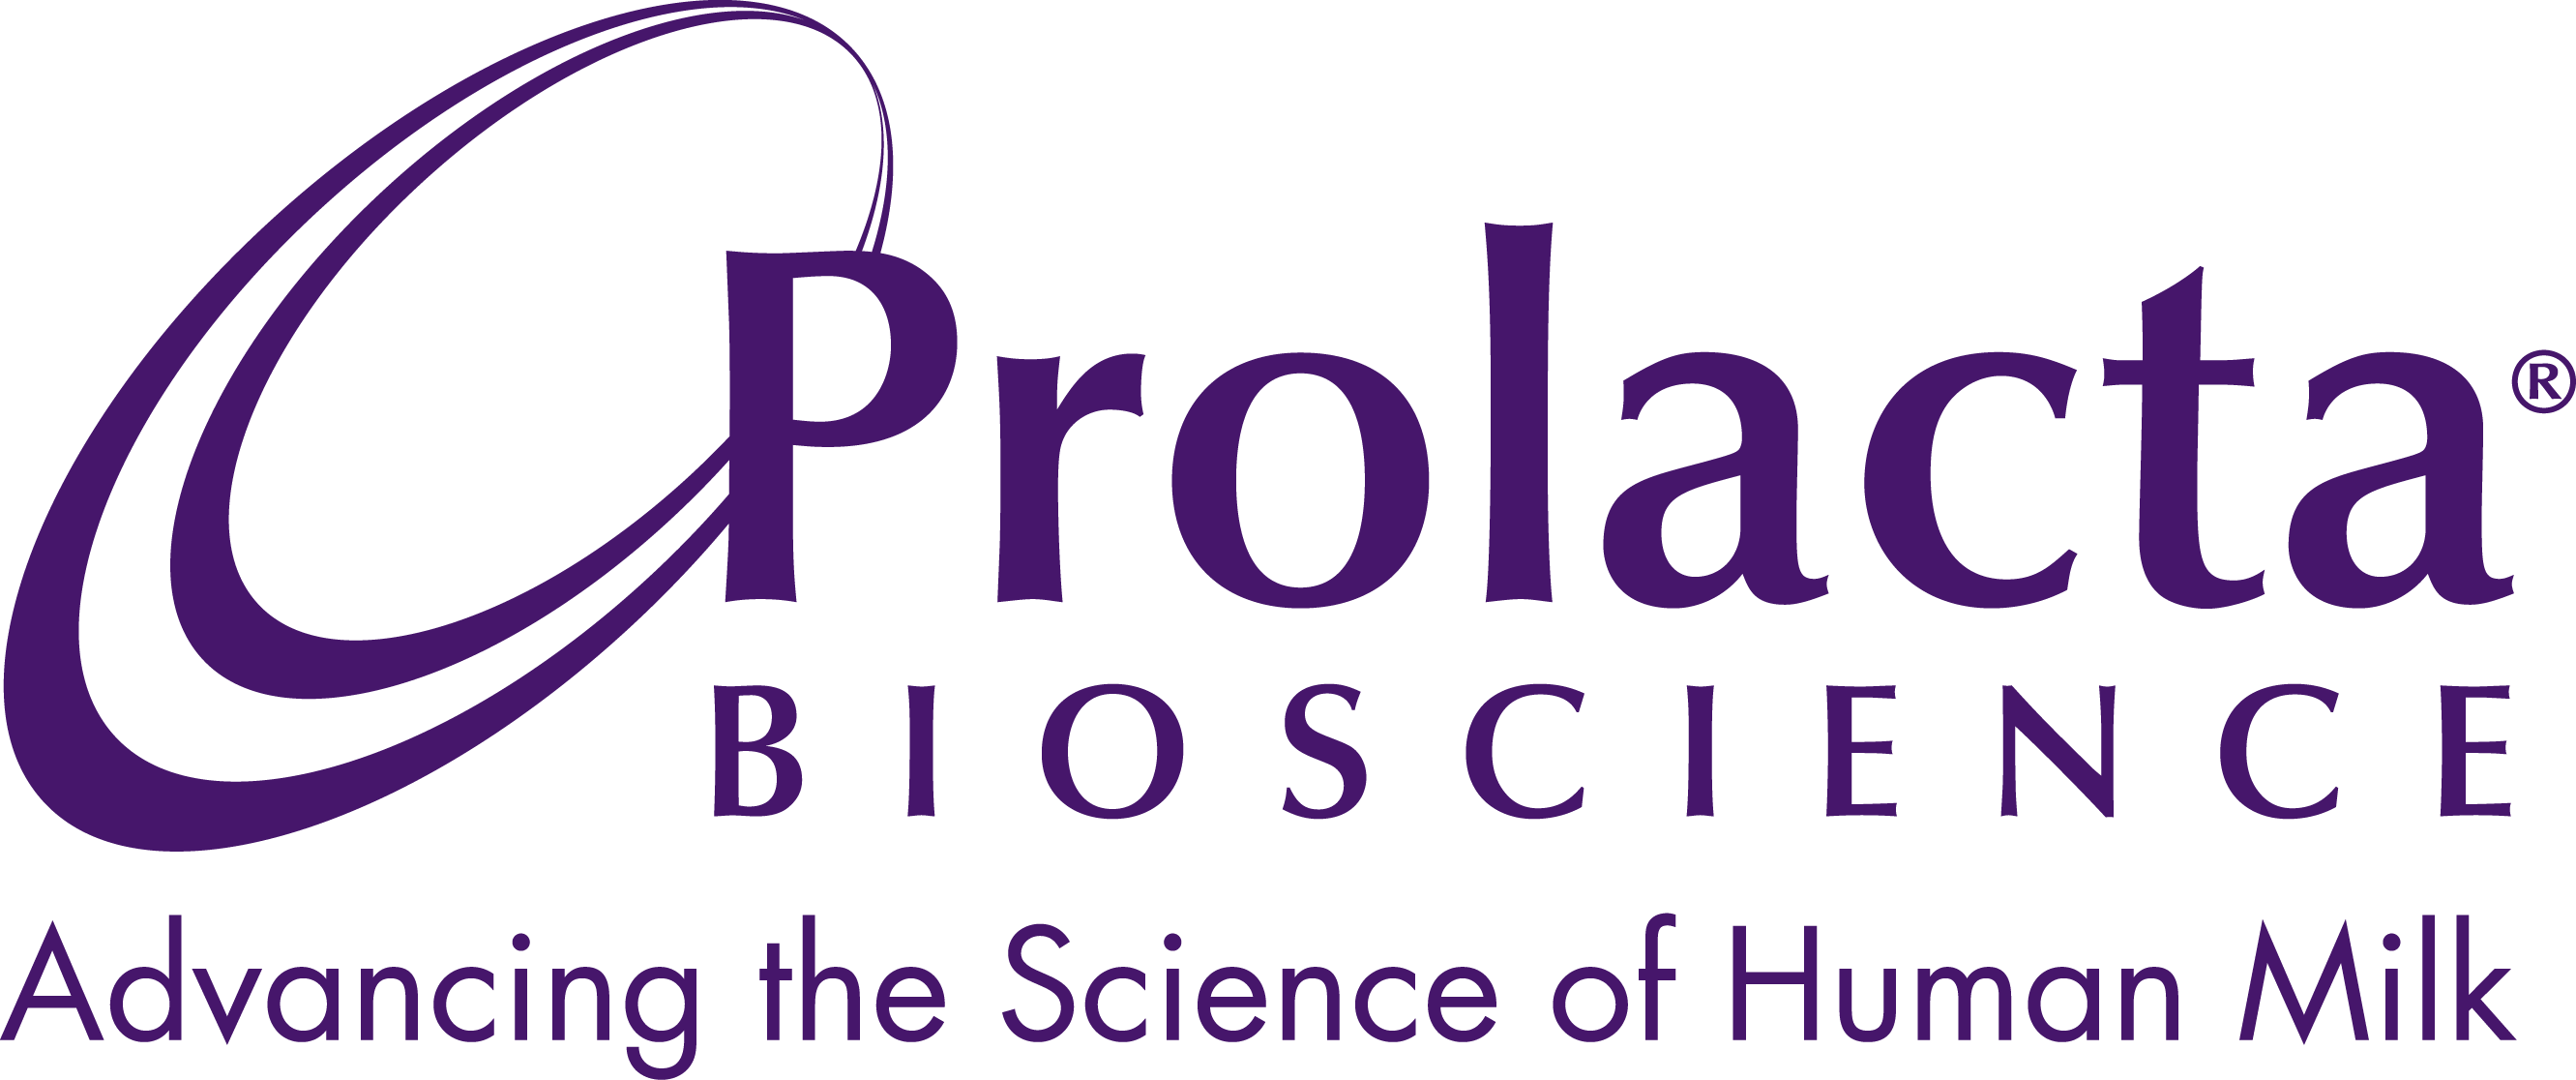 Prolacta logo_full-color.png